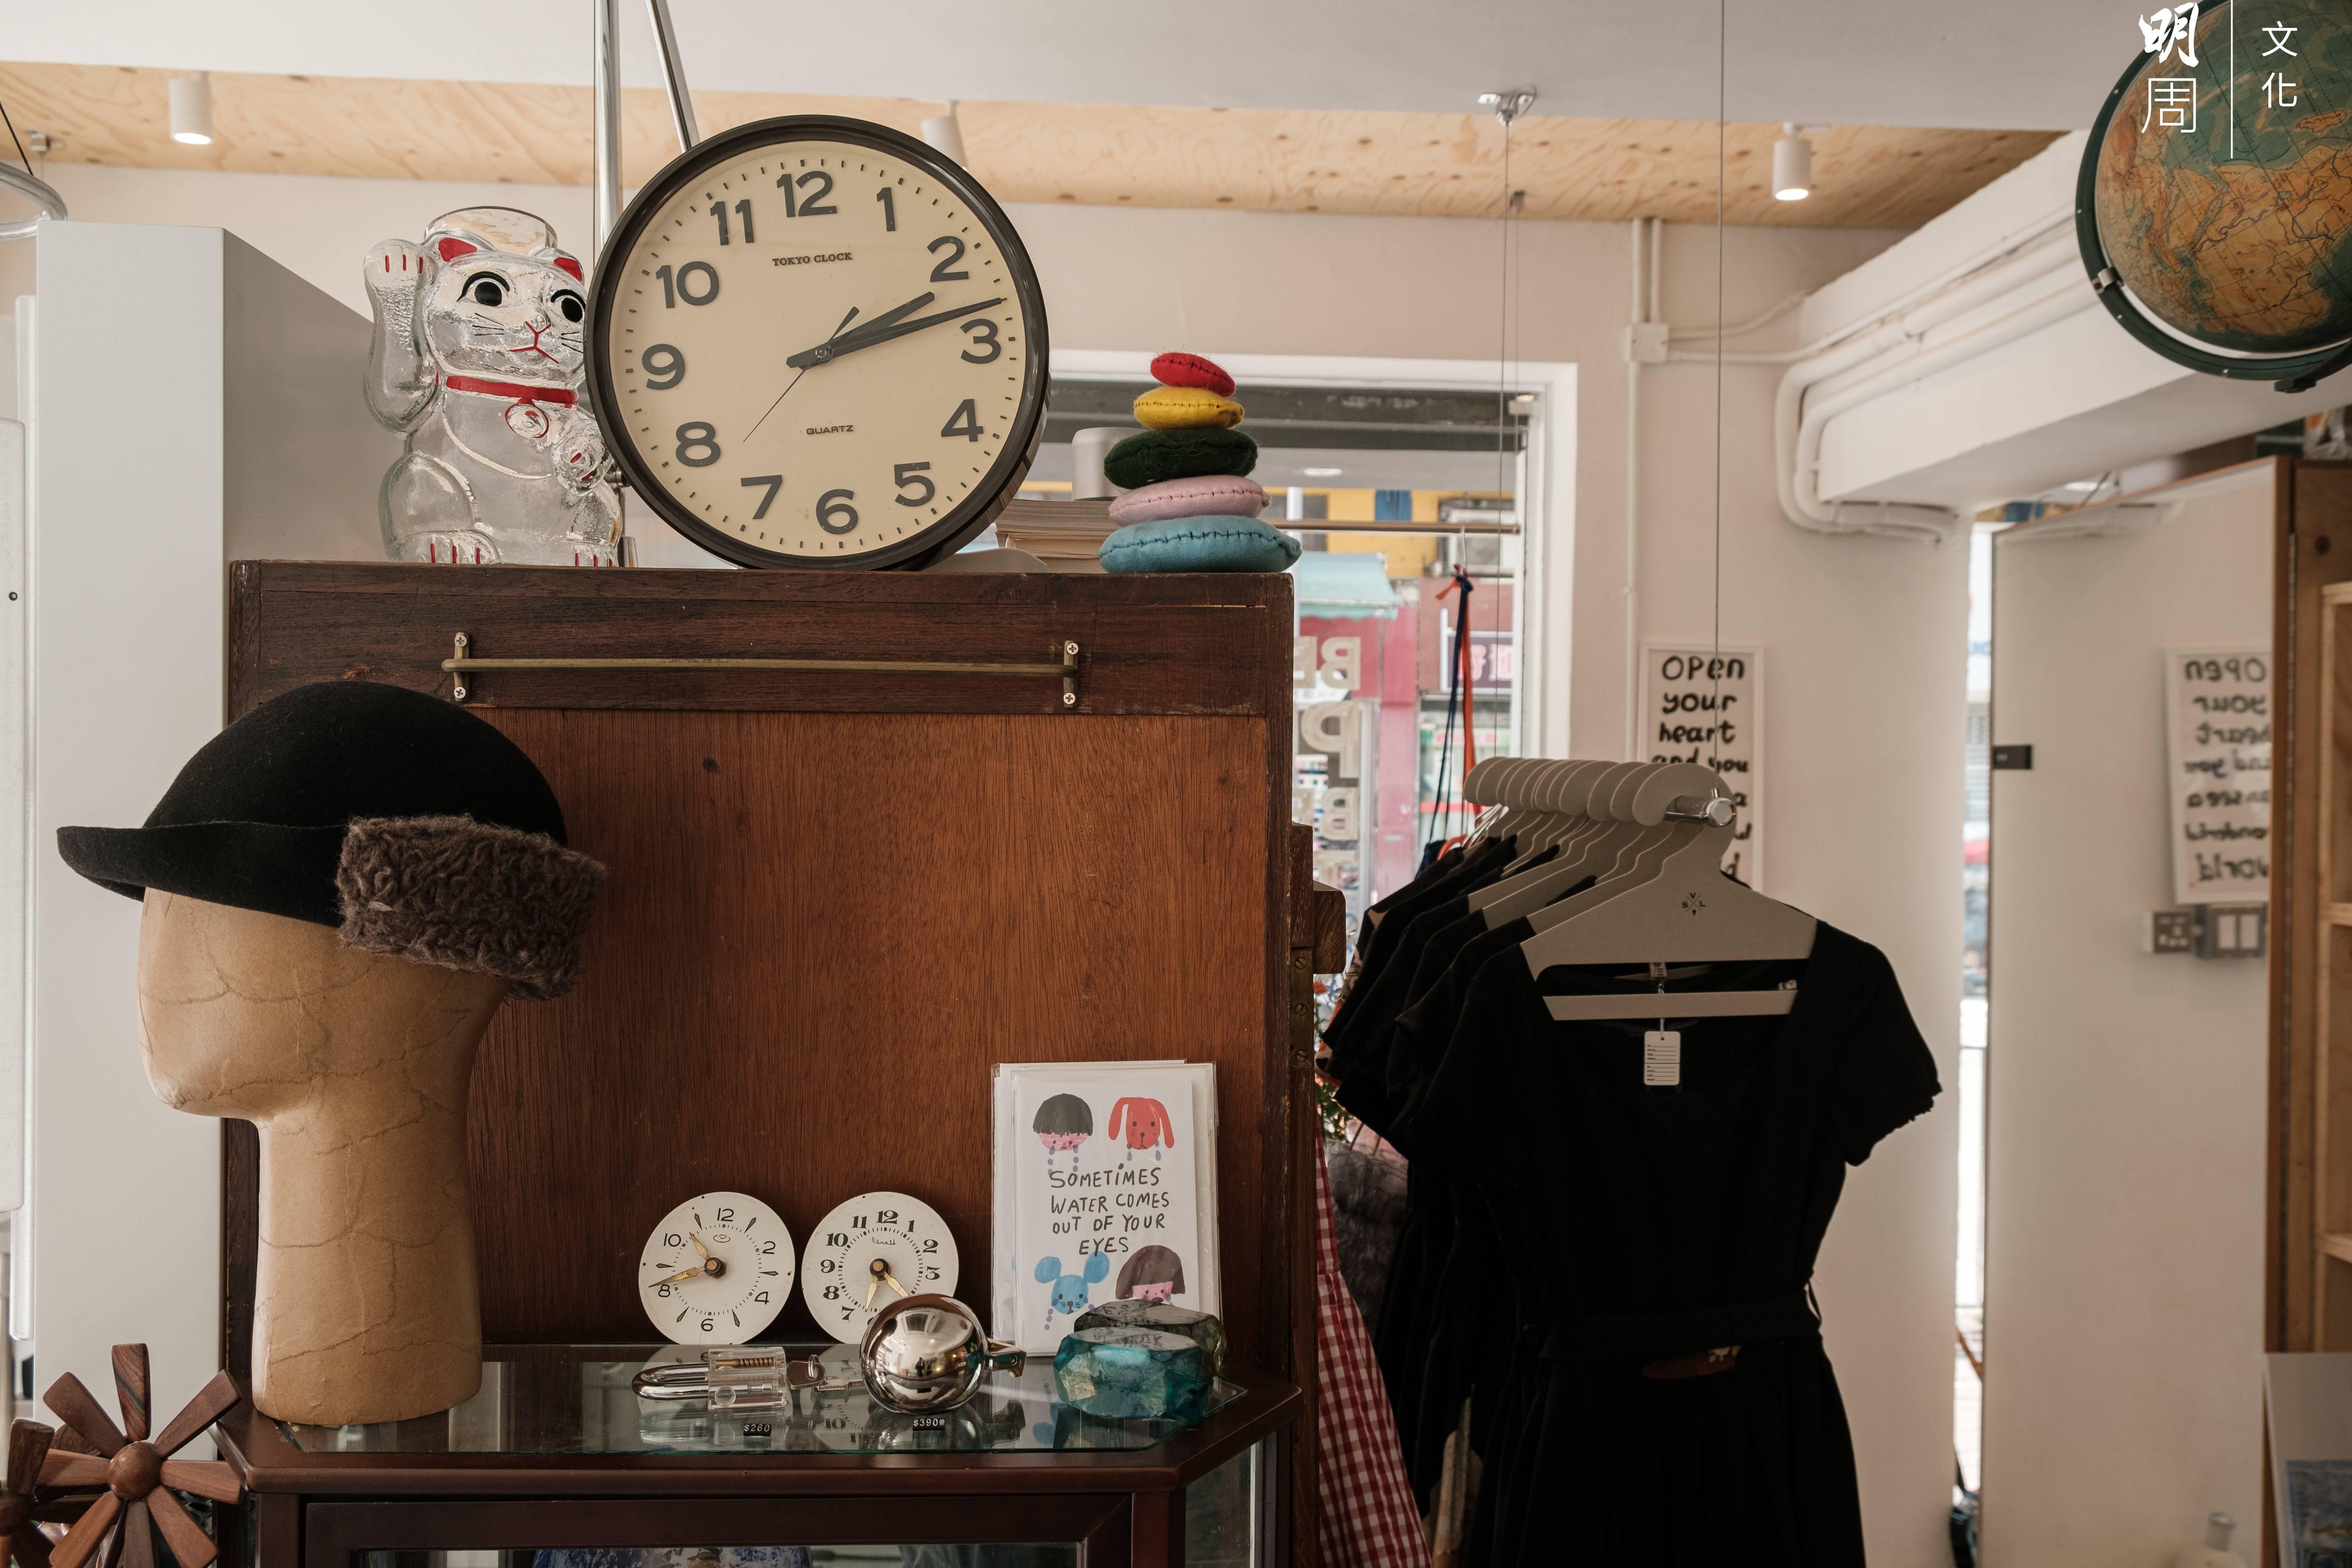 店內貨類包羅萬有,大部分從外國採購。